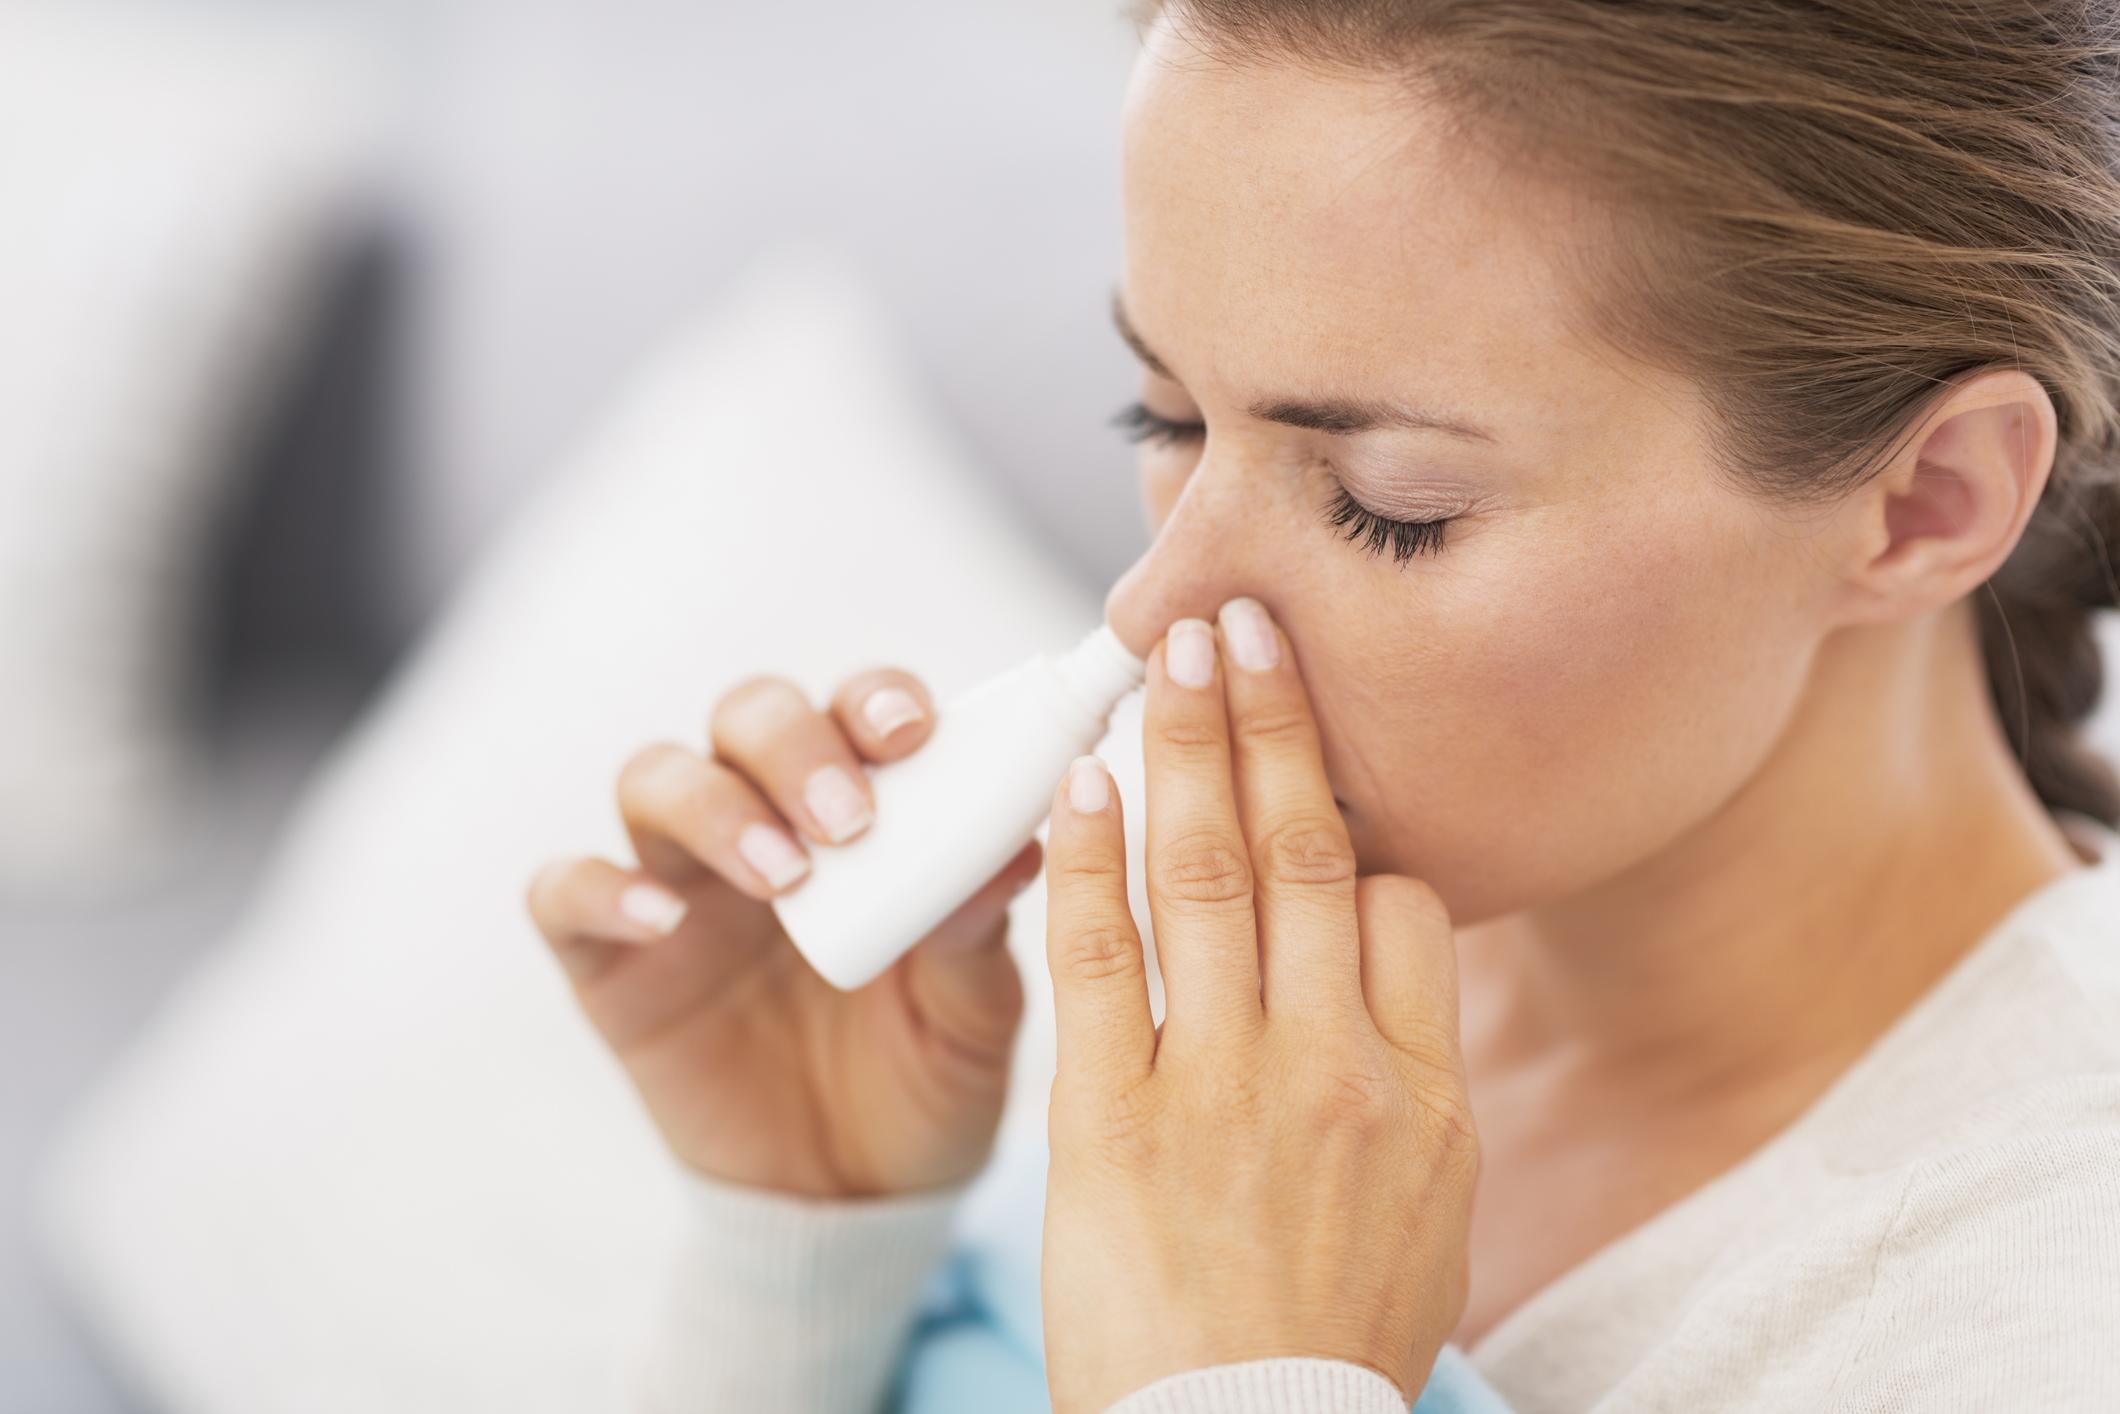 Em condições ambientais extremas, tais como baixa umidade relativa do ar, são importantes os cuidados com o ressecamento nasal.